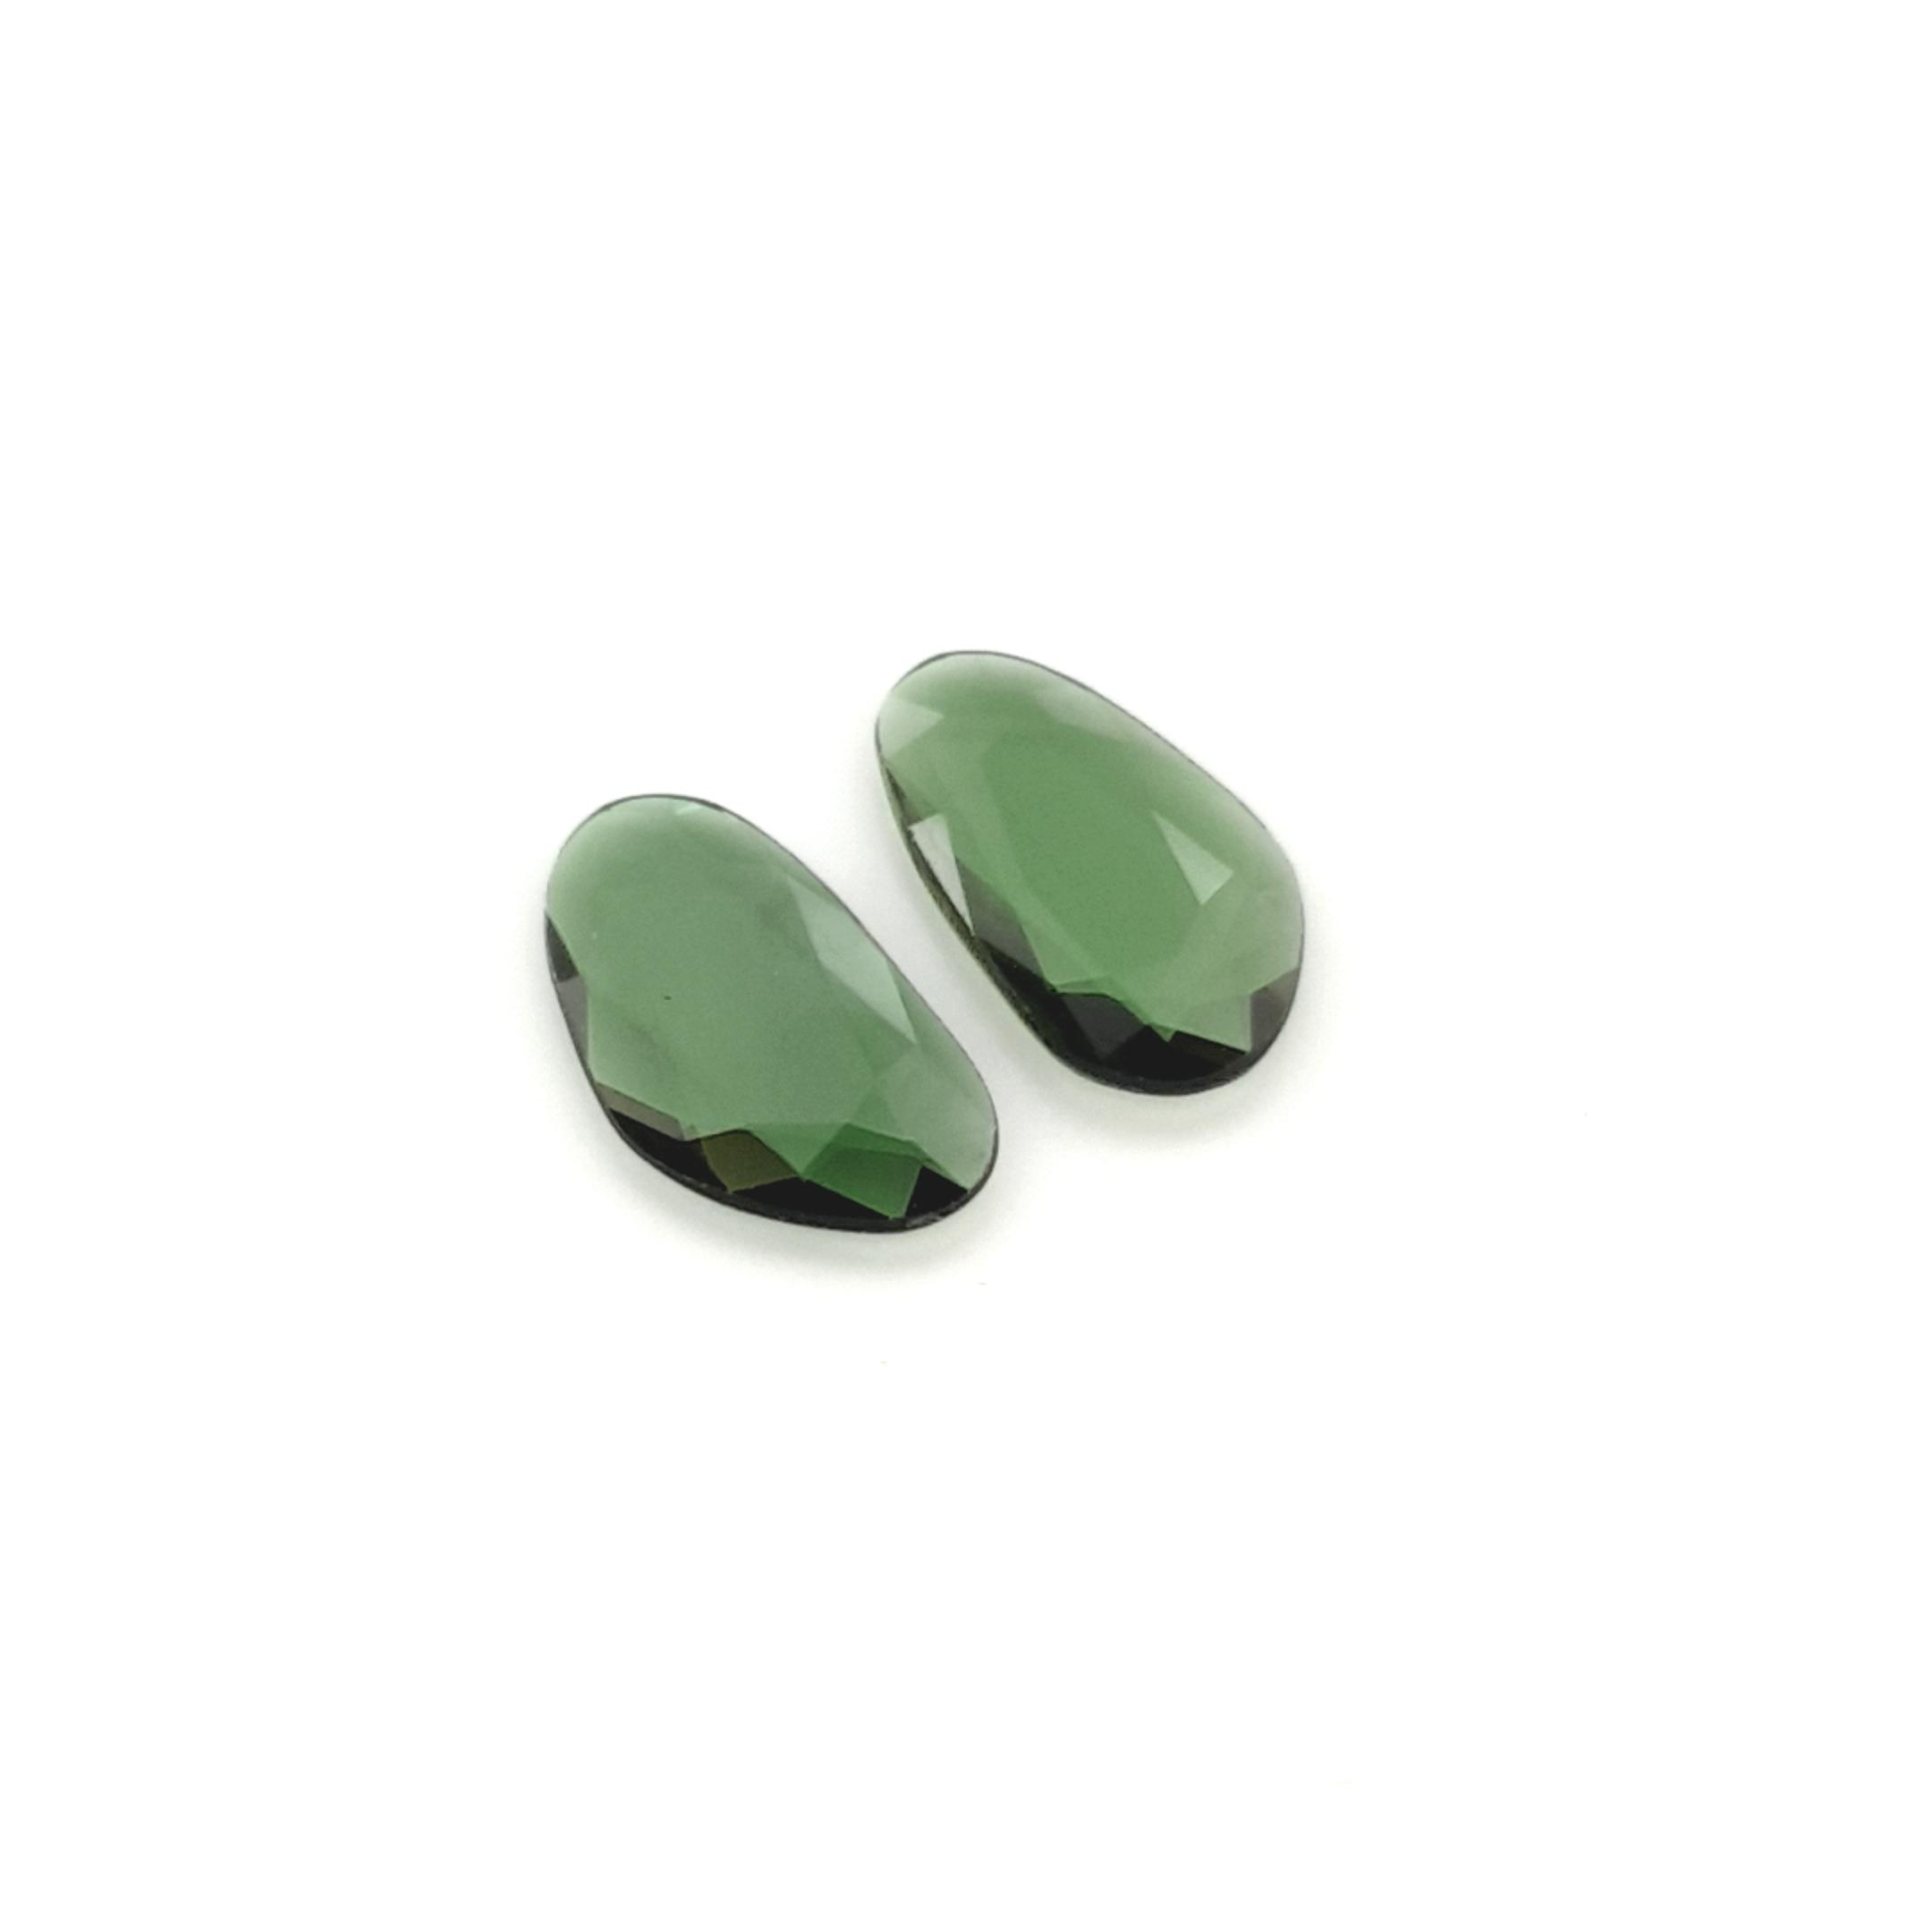 2,15ct.Pair Imperial Green Tourmalin DoubleRoseCut TMK18C3 ClaudiaHamann__2021-02-11-23-00-01